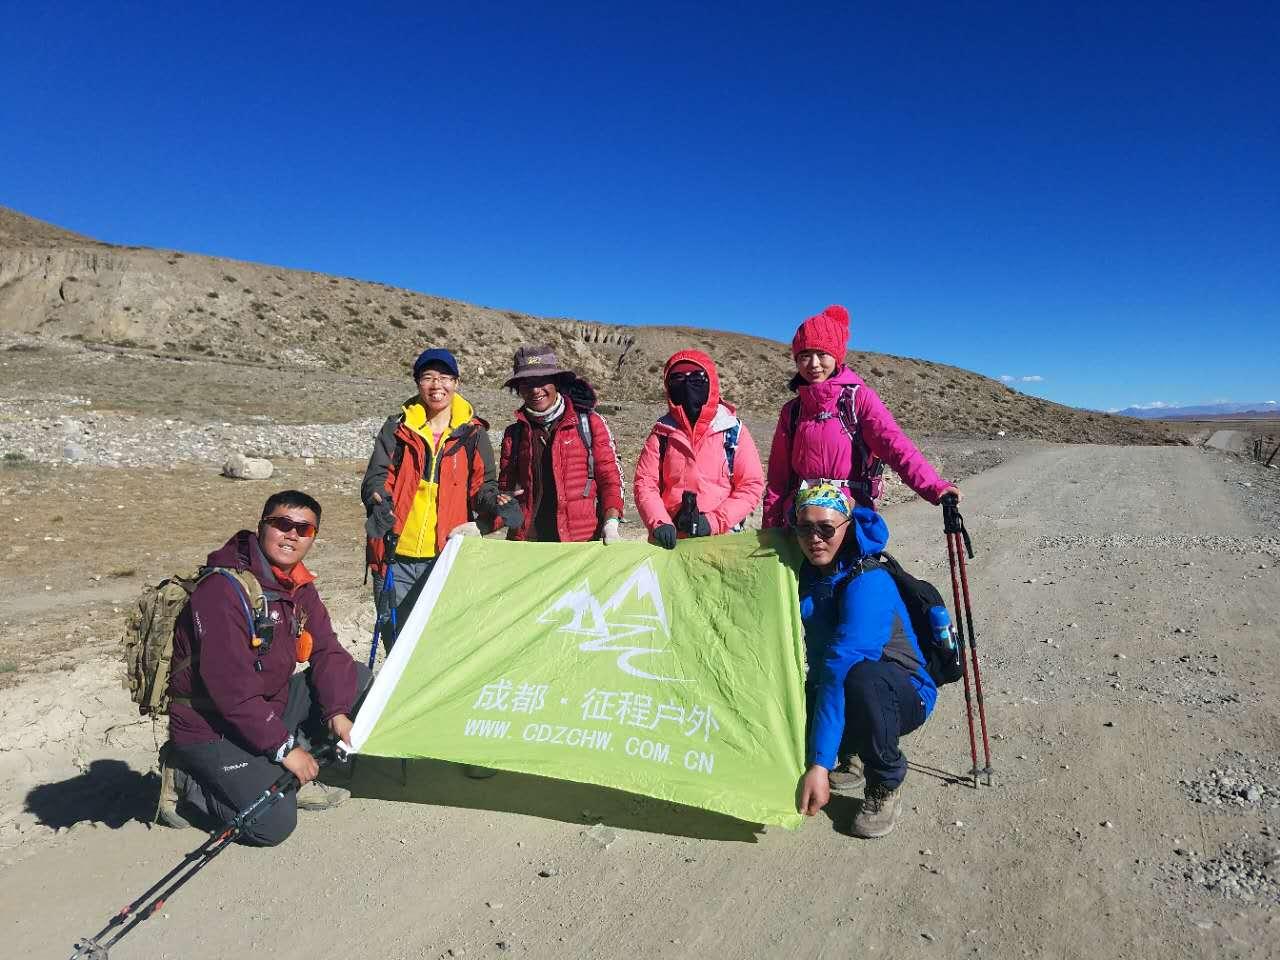 2017年西藏阿里無人區17日活動照片